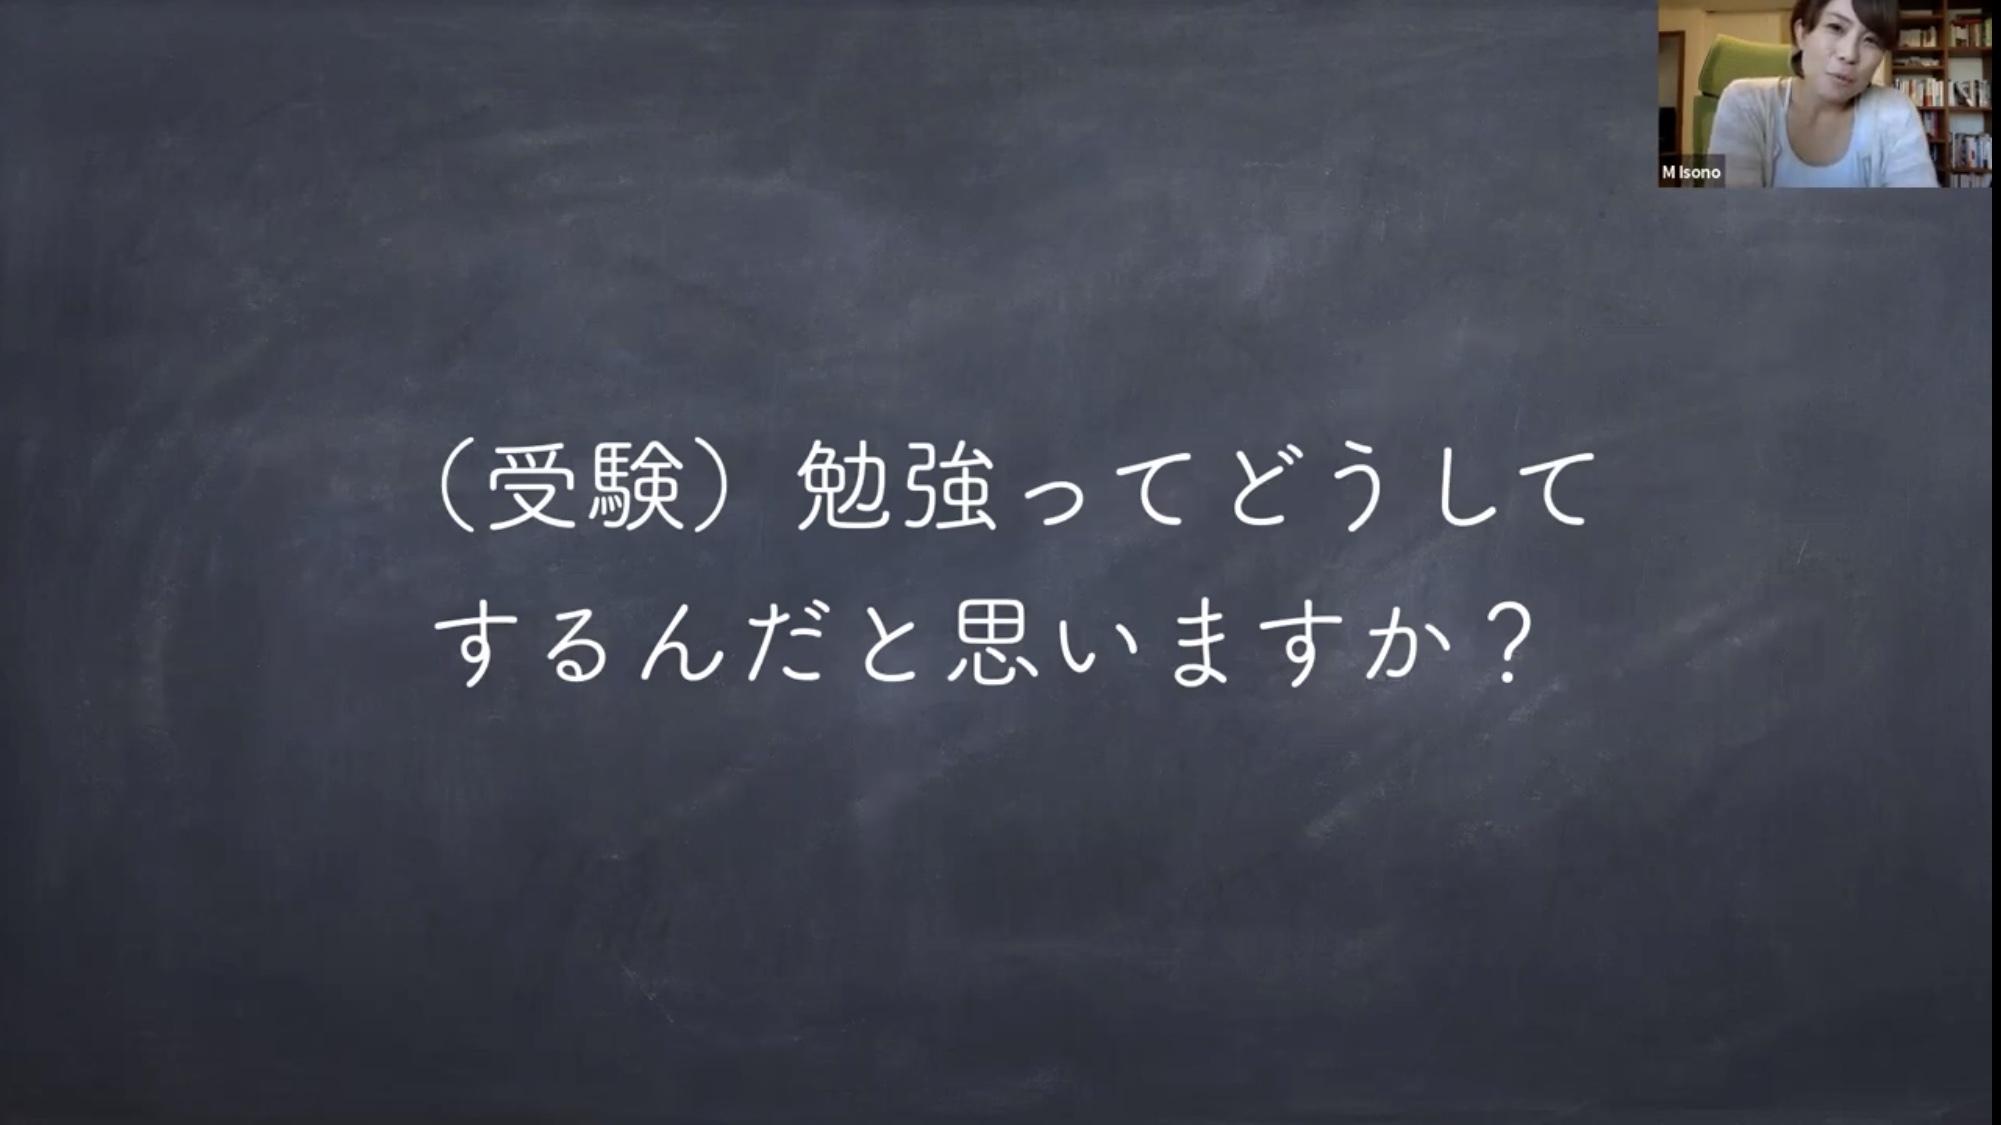 磯野真穂さんの講演 サマー合宿(中1・中2)& 夏合宿(中3)_d0116009_14464281.jpg